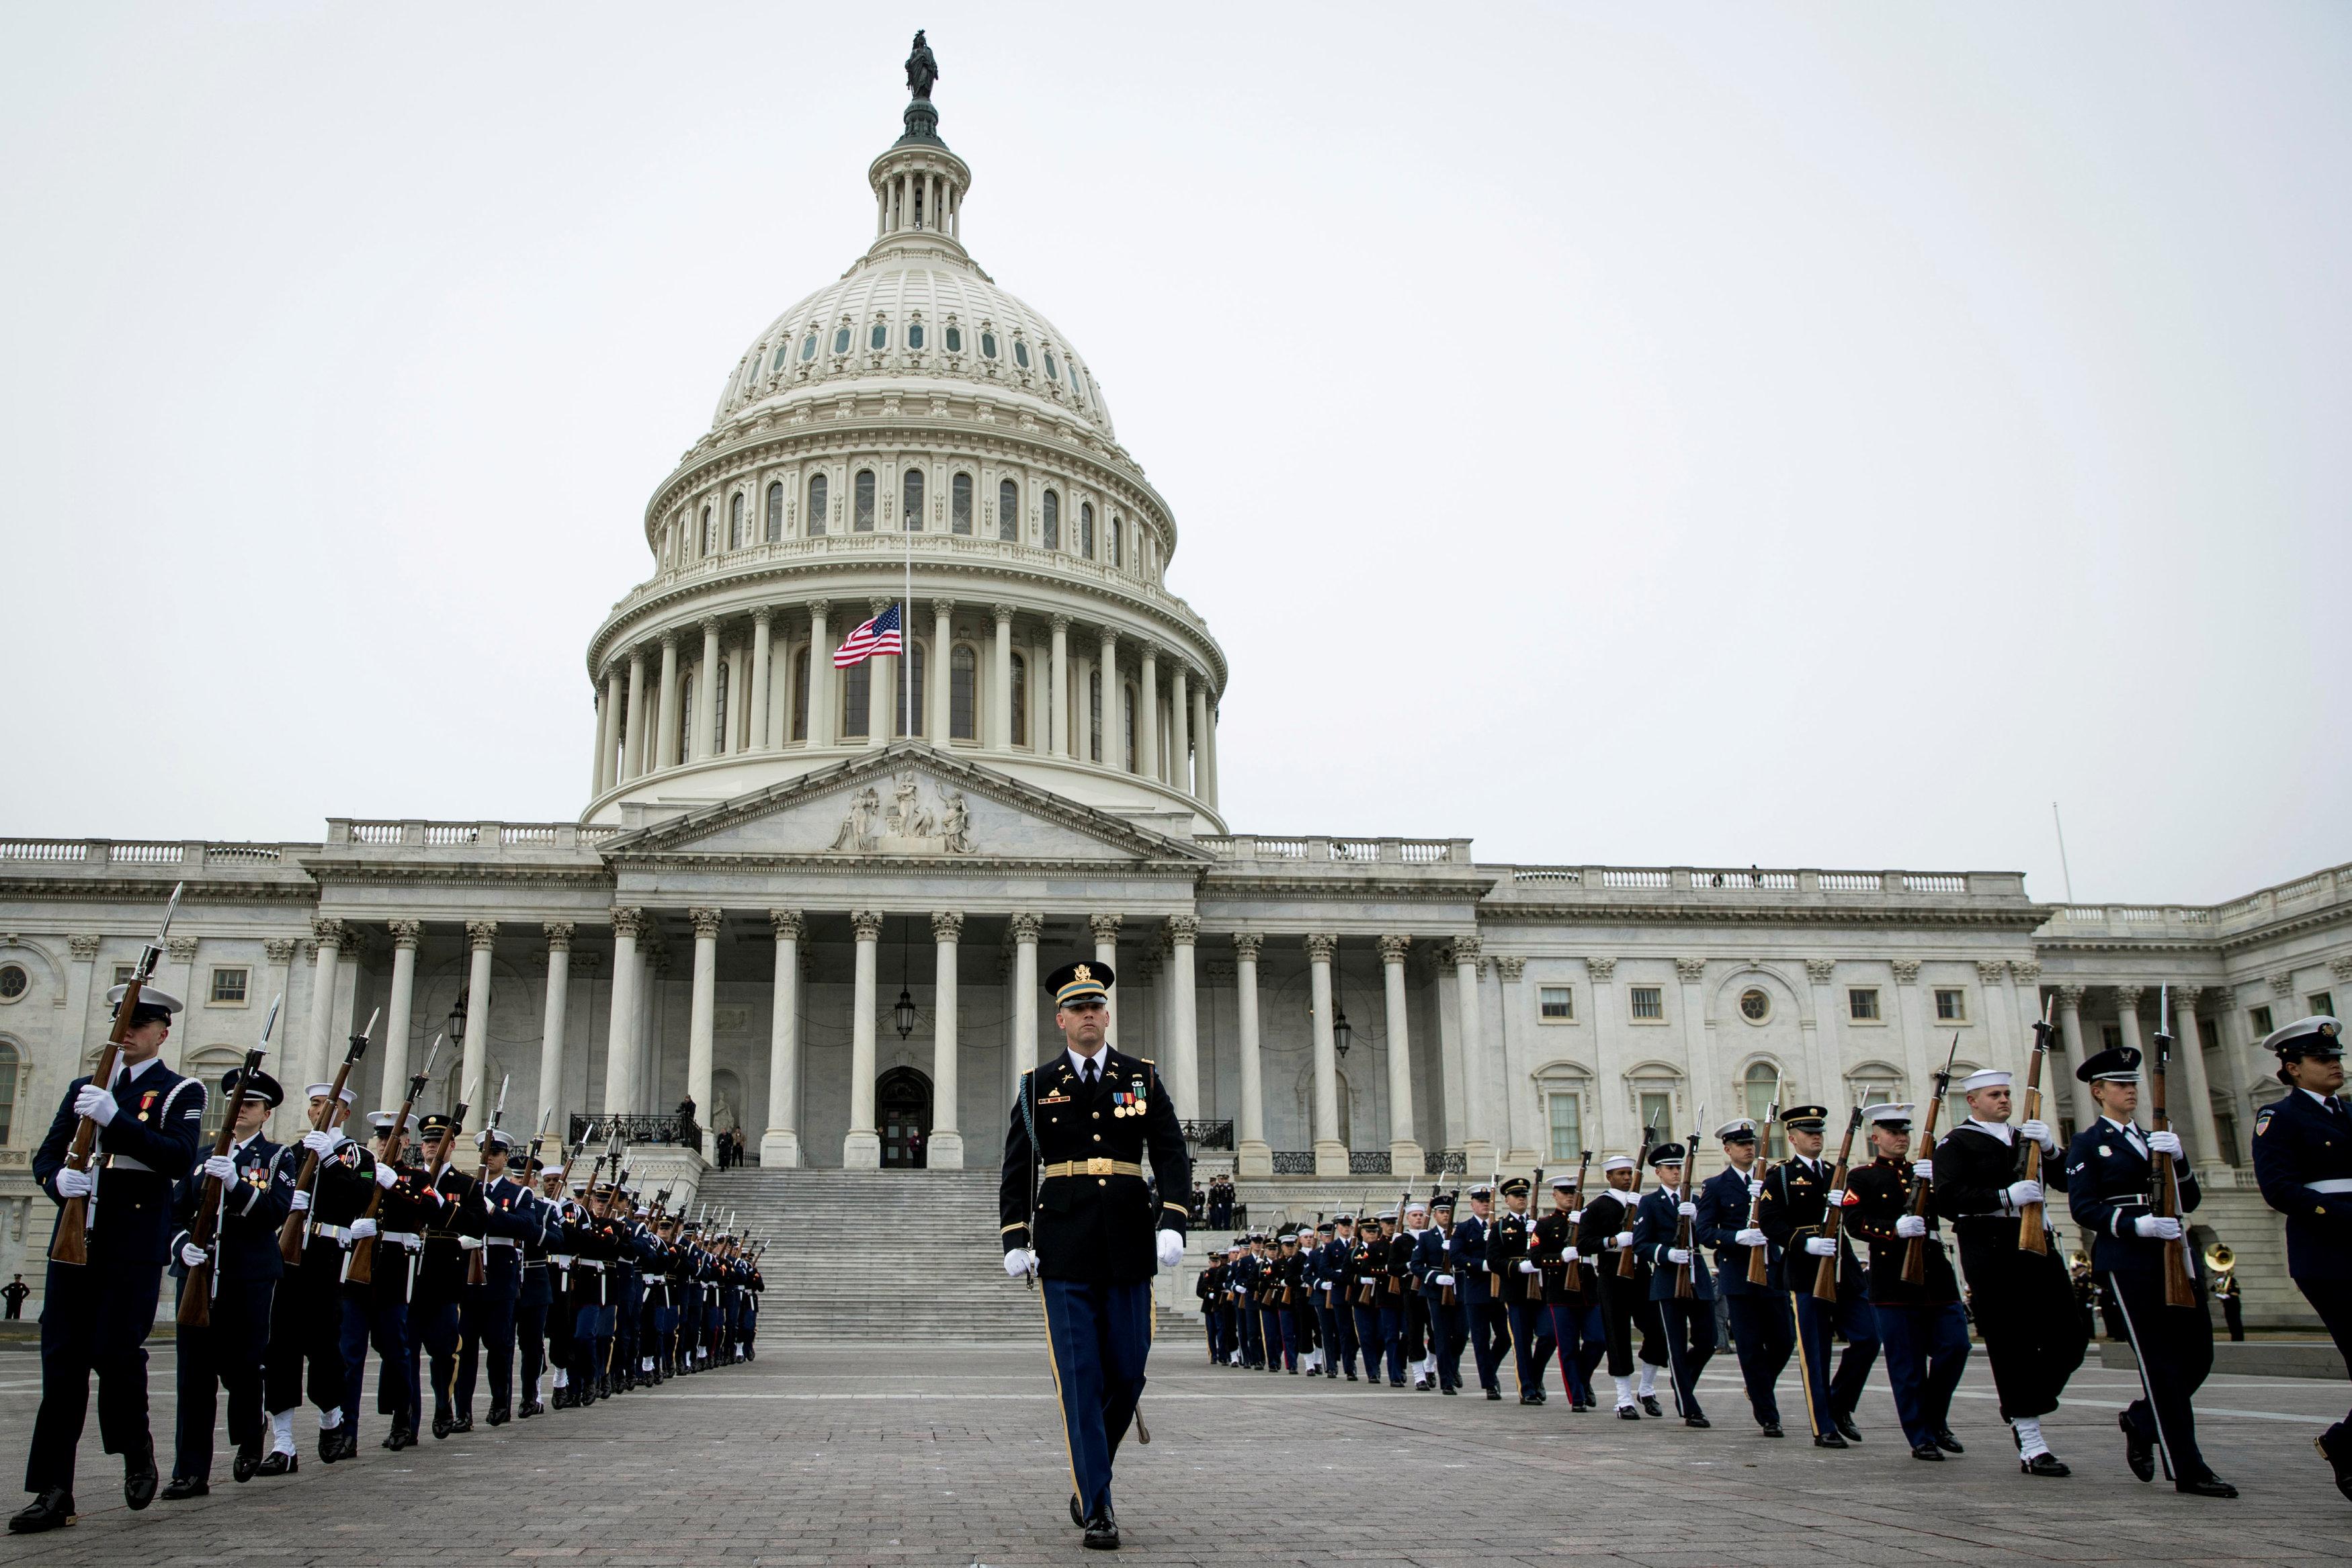 انطلاق مراسم جنازة الرئيس الأمريكى جورج بوش الأب (16)